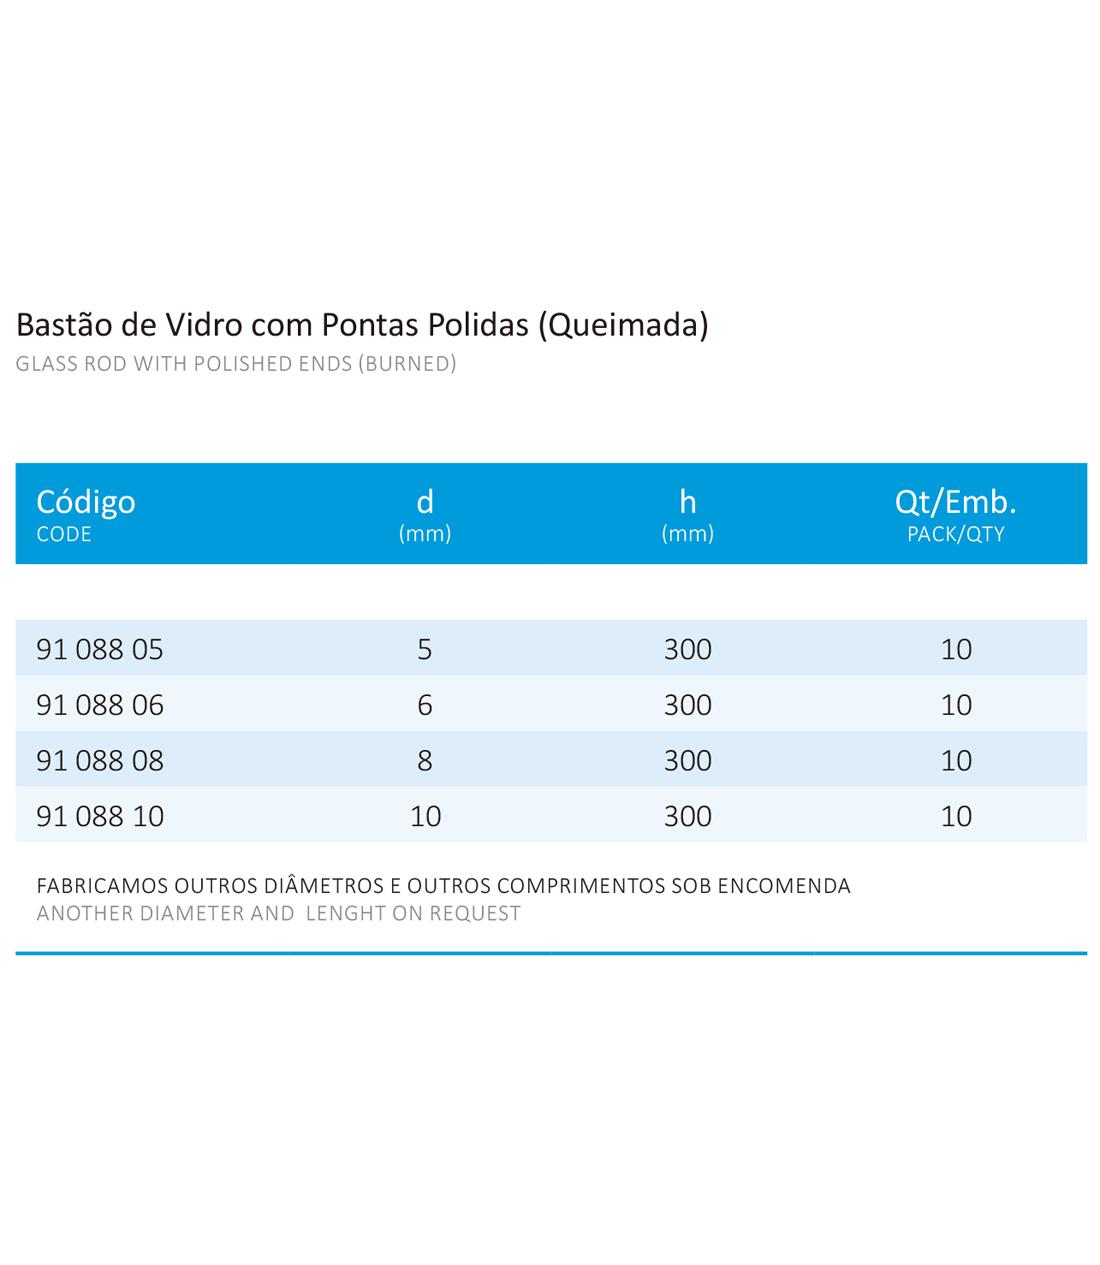 BASTAO DE VIDRO C/ PONTAS POLIDAS 5 X 300 - Laborglas - Cód. 9108805